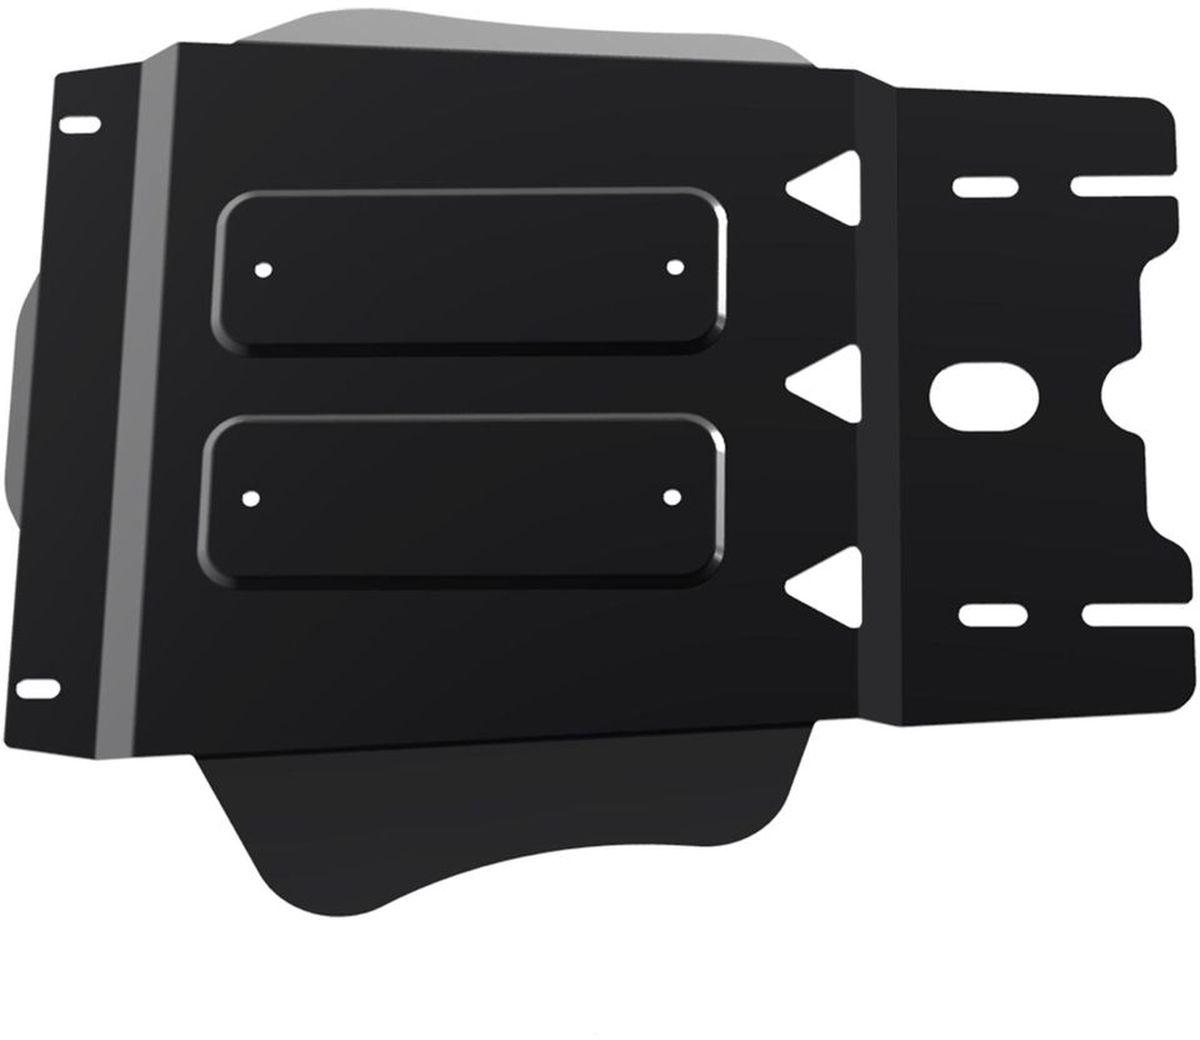 Защита КПП Автоброня, для Toyota LC120 Prado V - все (2005-)1004900000360Технологически совершенный продукт за невысокую стоимость.Защита разработана с учетом особенностей днища автомобиля, что позволяет сохранить дорожный просвет с минимальным изменением.Защита устанавливается в штатные места кузова автомобиля. Глубокий штамп обеспечивает до двух раз больше жесткости в сравнении с обычной защитой той же толщины. Проштампованные ребра жесткости препятствуют деформации защиты при ударах.Тепловой зазор и вентиляционные отверстия обеспечивают сохранение температурного режима двигателя в норме. Скрытый крепеж предотвращает срыв крепежных элементов при наезде на препятствие.Шумопоглощающие резиновые элементы обеспечивают комфортную езду без вибраций и скрежета металла, а съемные лючки для слива масла и замены фильтра - экономию средств и время.Конструкция изделия не влияет на пассивную безопасность автомобиля (при ударе защита не воздействует на деформационные зоны кузова). Со штатным крепежом. В комплекте инструкция по установке.Толщина стали: 2 мм.Уважаемые клиенты!Обращаем ваше внимание, что элемент защиты имеет форму, соответствующую модели данного автомобиля. Фото служит для визуального восприятия товара и может отличаться от фактического.